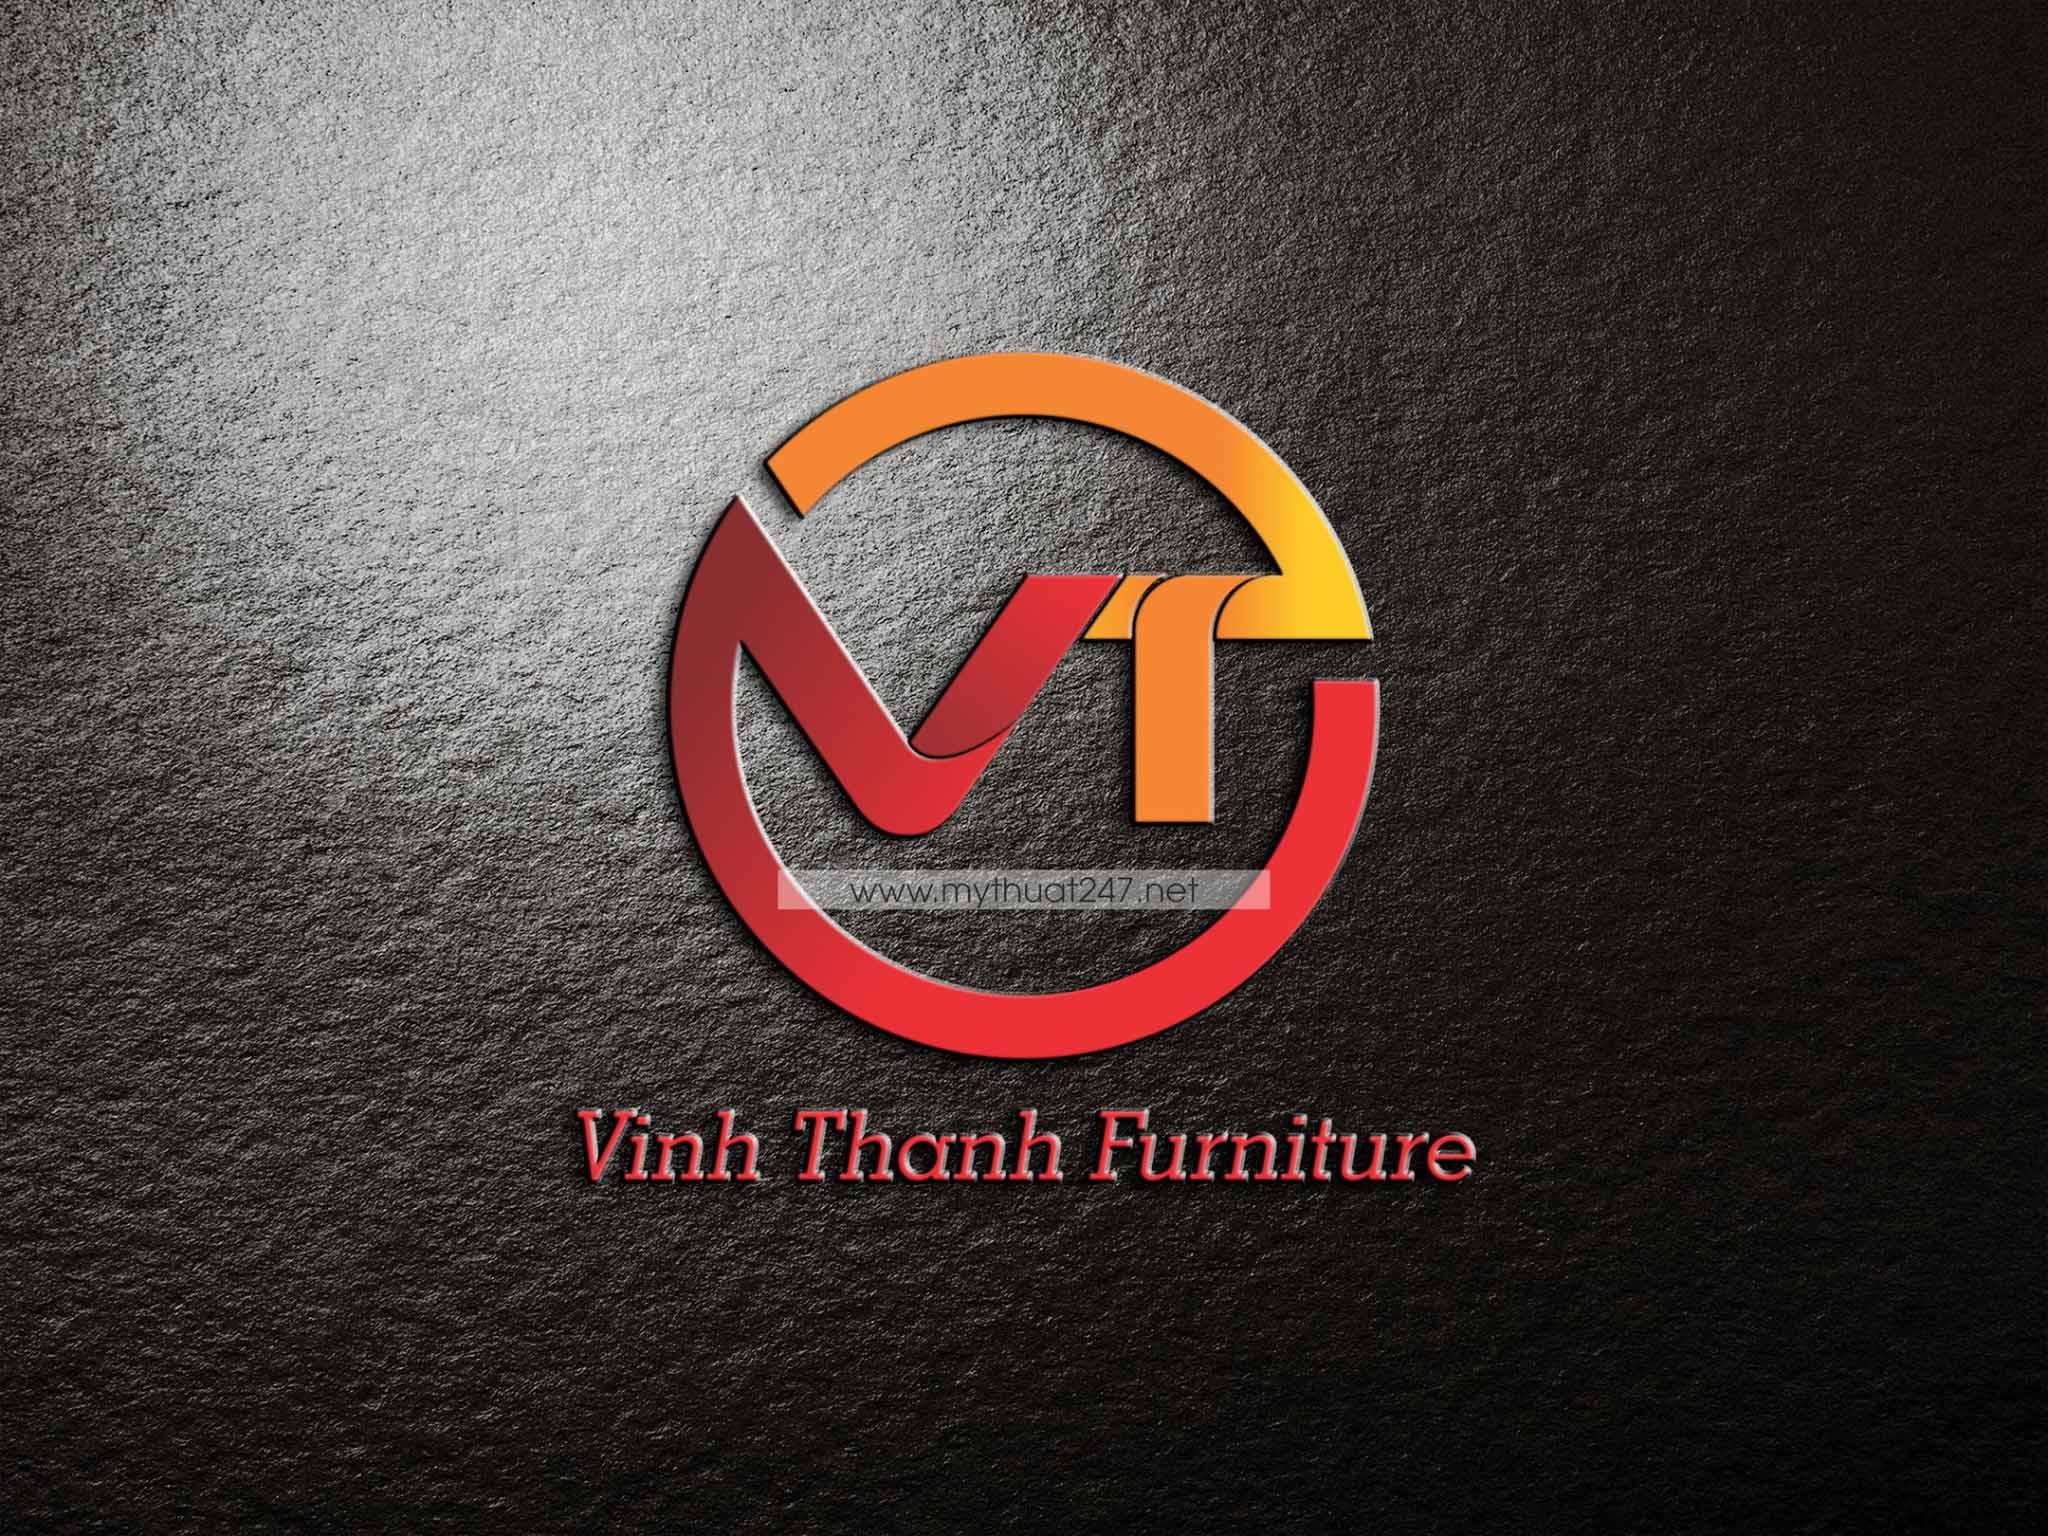 Thiết kế logo công ty tnhh nội thất vĩnh thành